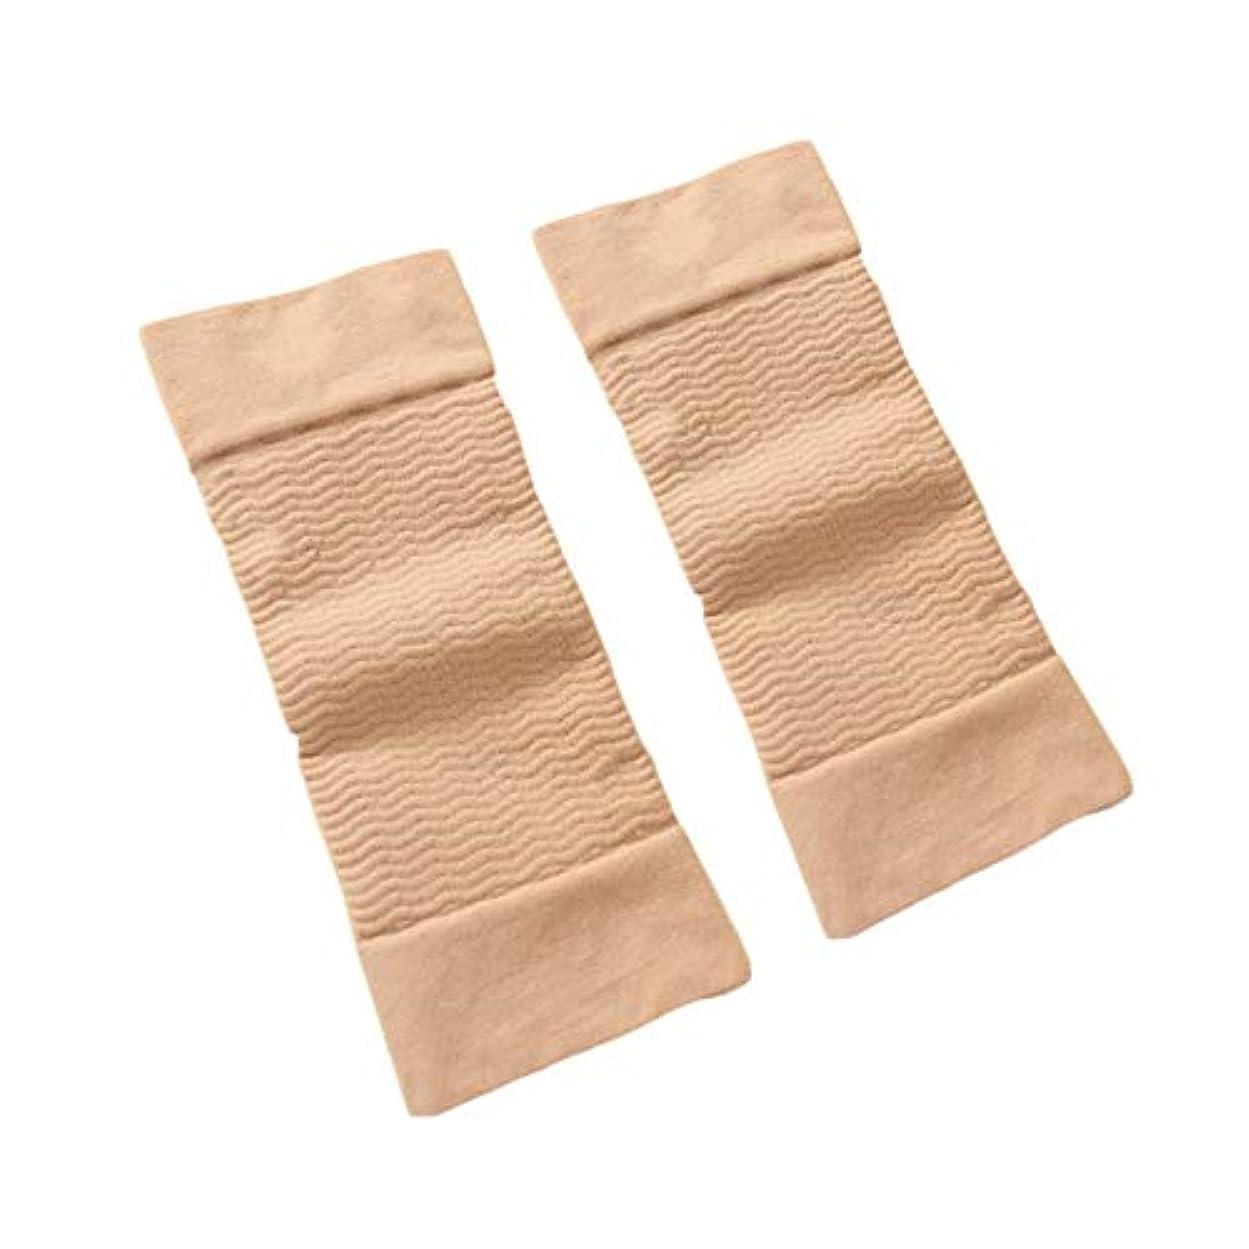 させる付添人フィードバック1ペア420 D圧縮痩身アームスリーブワークアウトトーニングバーンセルライトシェイパー脂肪燃焼袖用女性 - 肌色